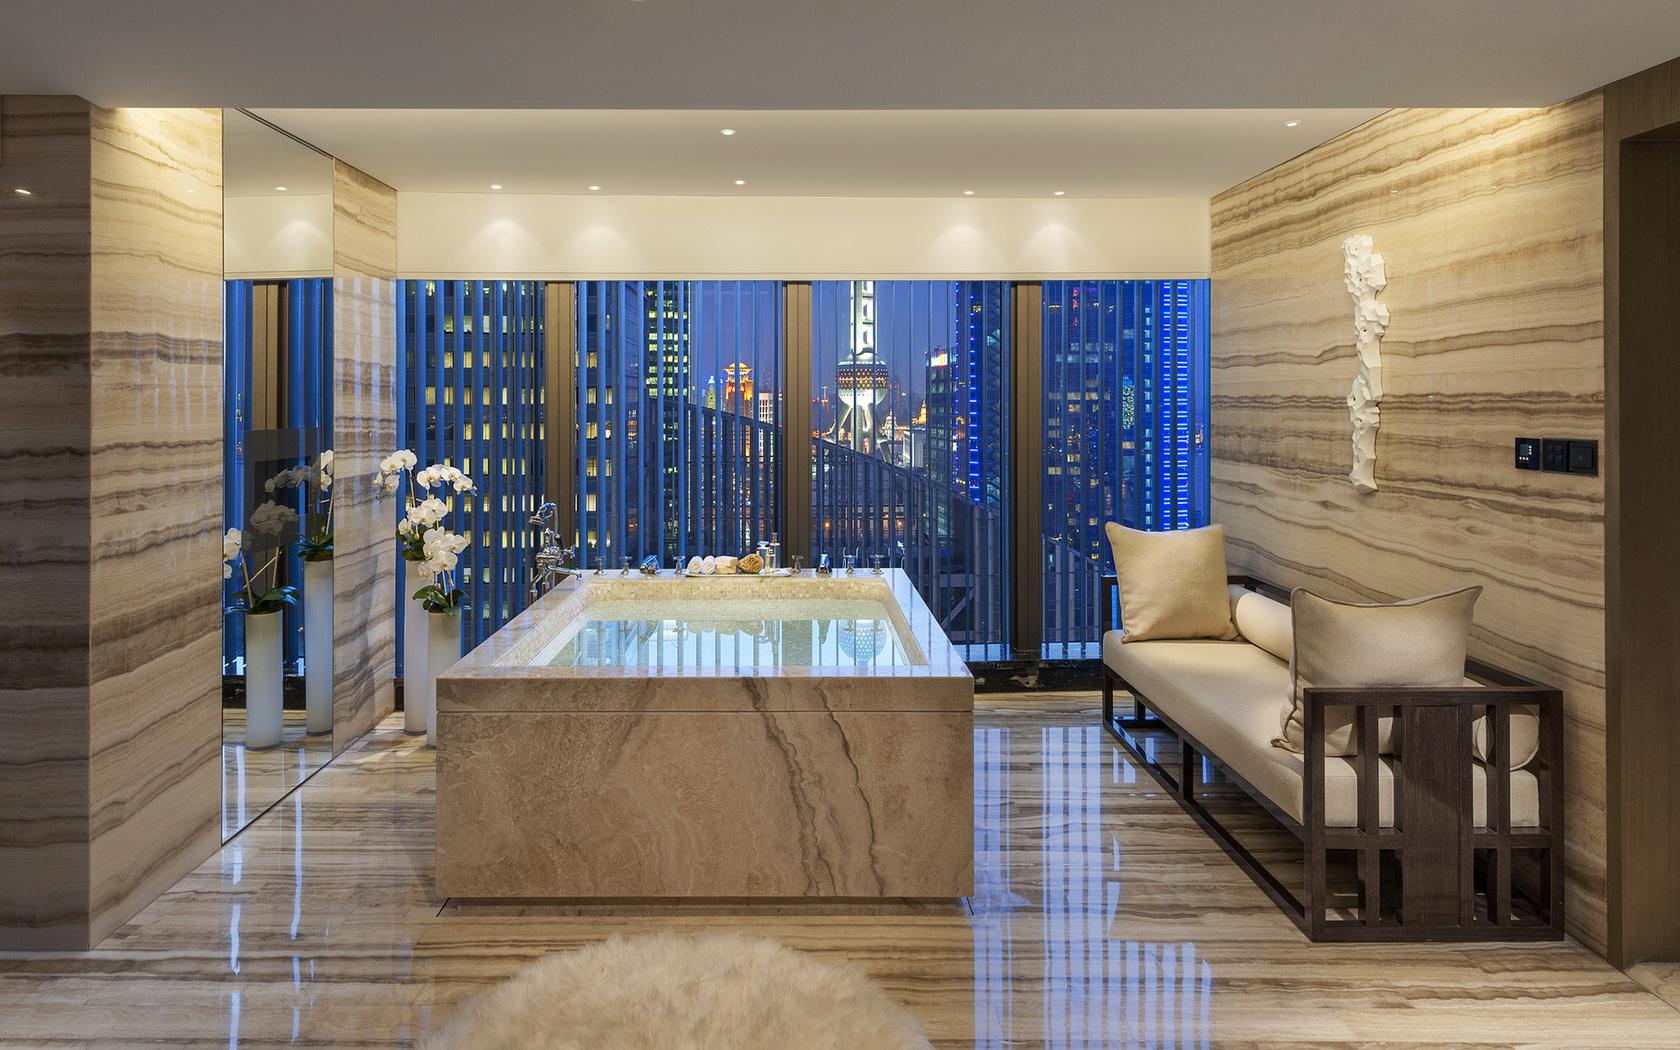 софа, стиль, ванная, джакузи, дизайн, Интерьер, бежевый